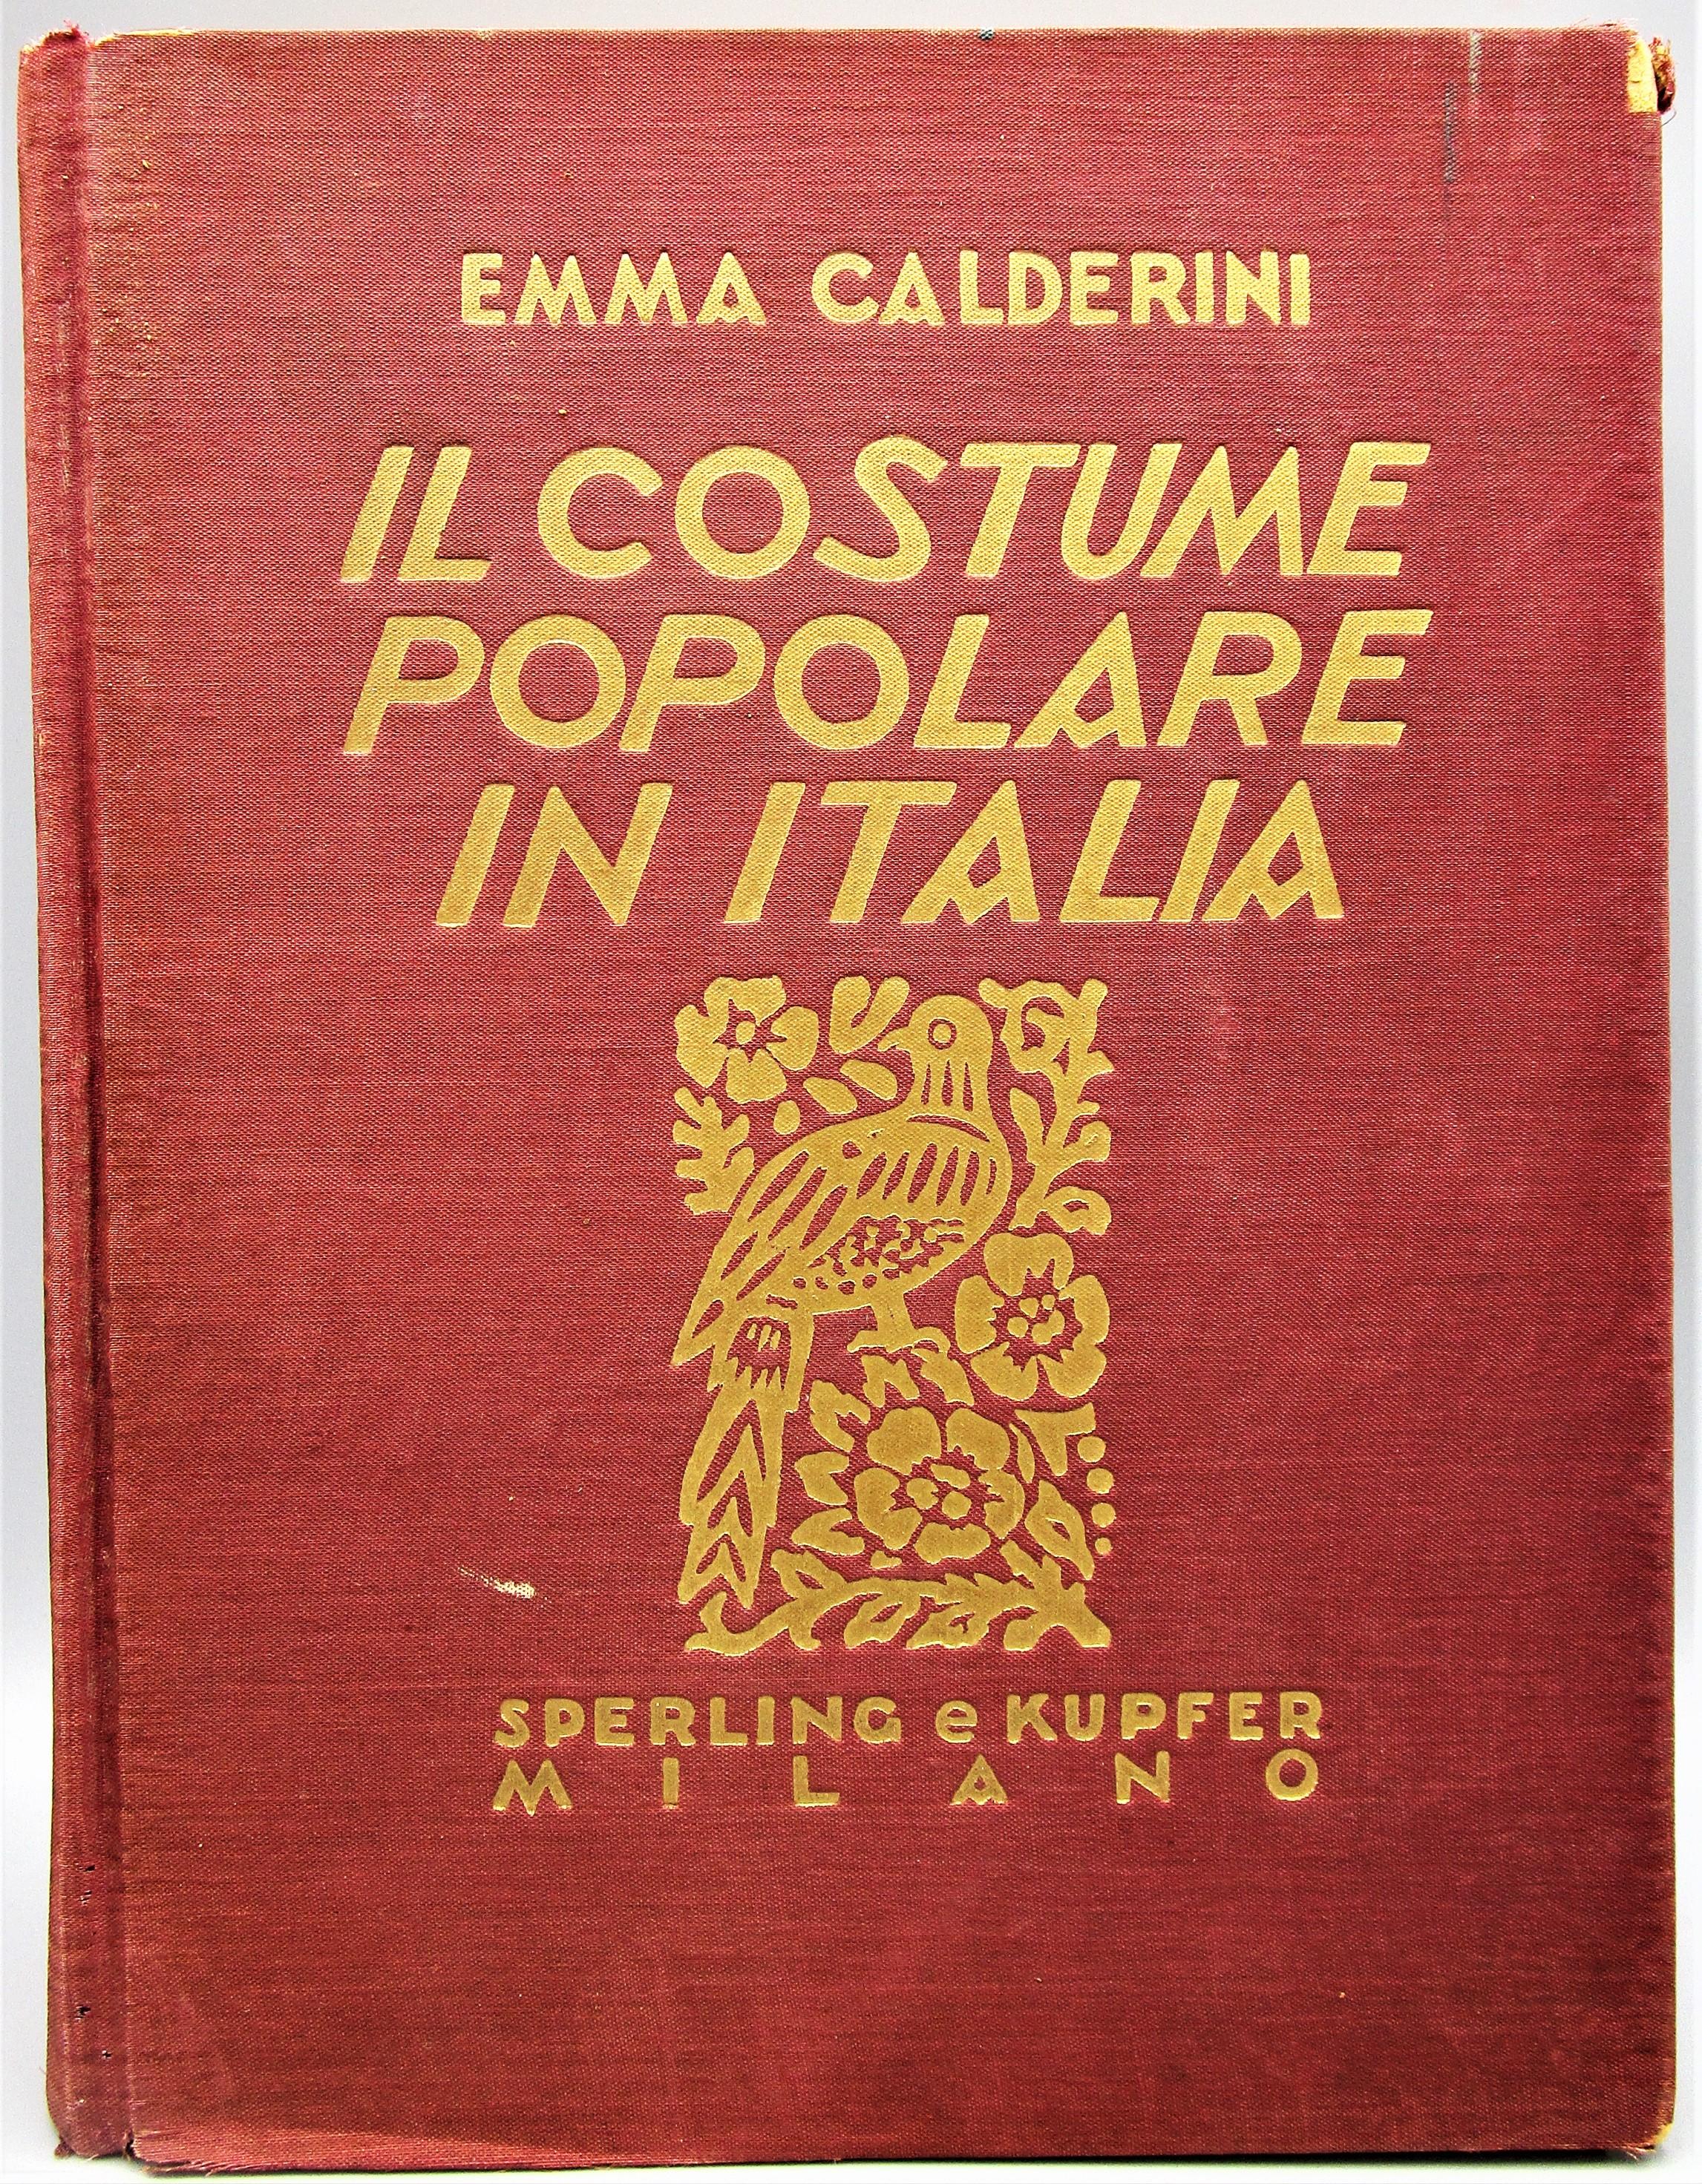 IL COSTUME POPOLARE IN ITALIA, by Emma Calderini - 1934 [Ltd Ed]